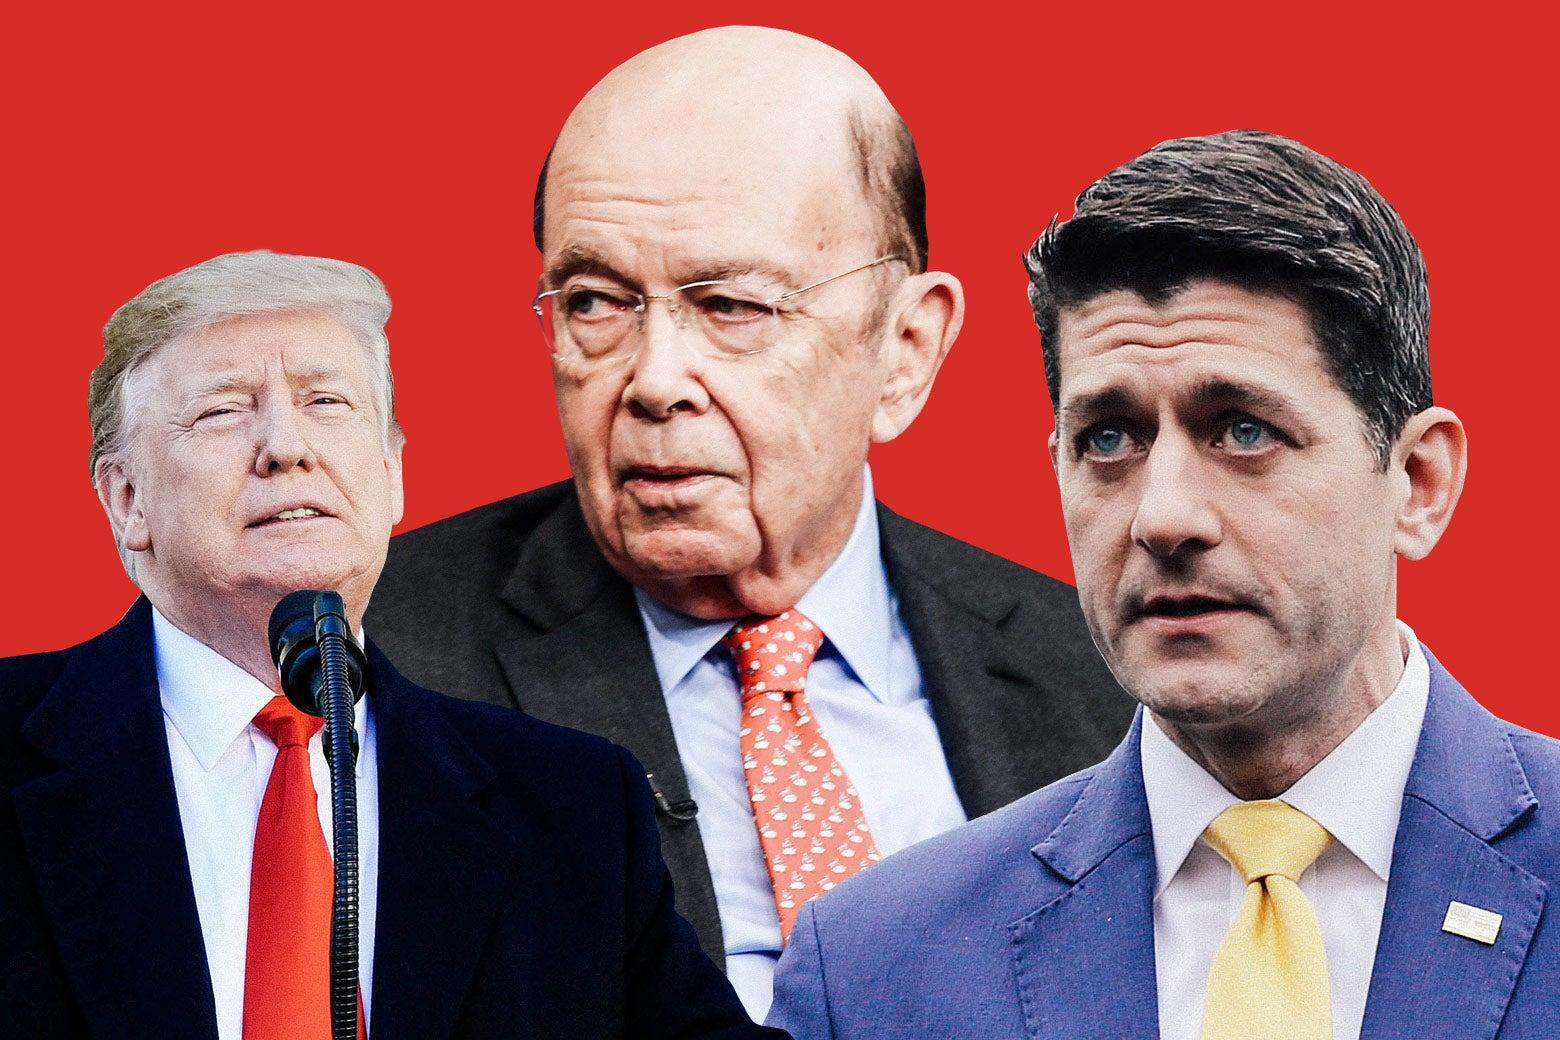 President Donald Trump, Commerce Secretary Wilbur Ross, and former House Speaker Paul Ryan.